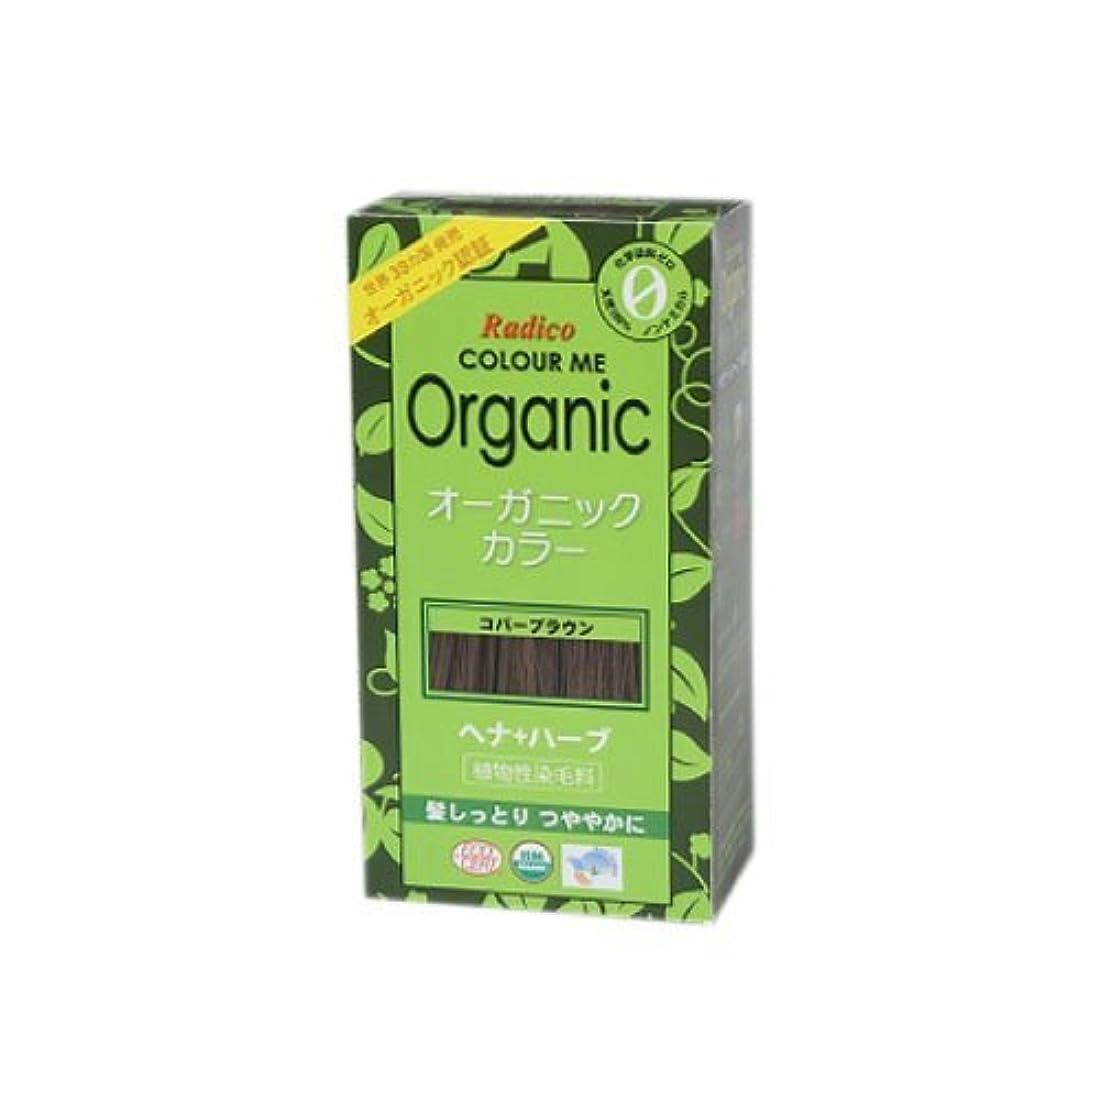 銛これまで線形COLOURME Organic (カラーミーオーガニック ヘナ 白髪用) コパーブラウン 100g